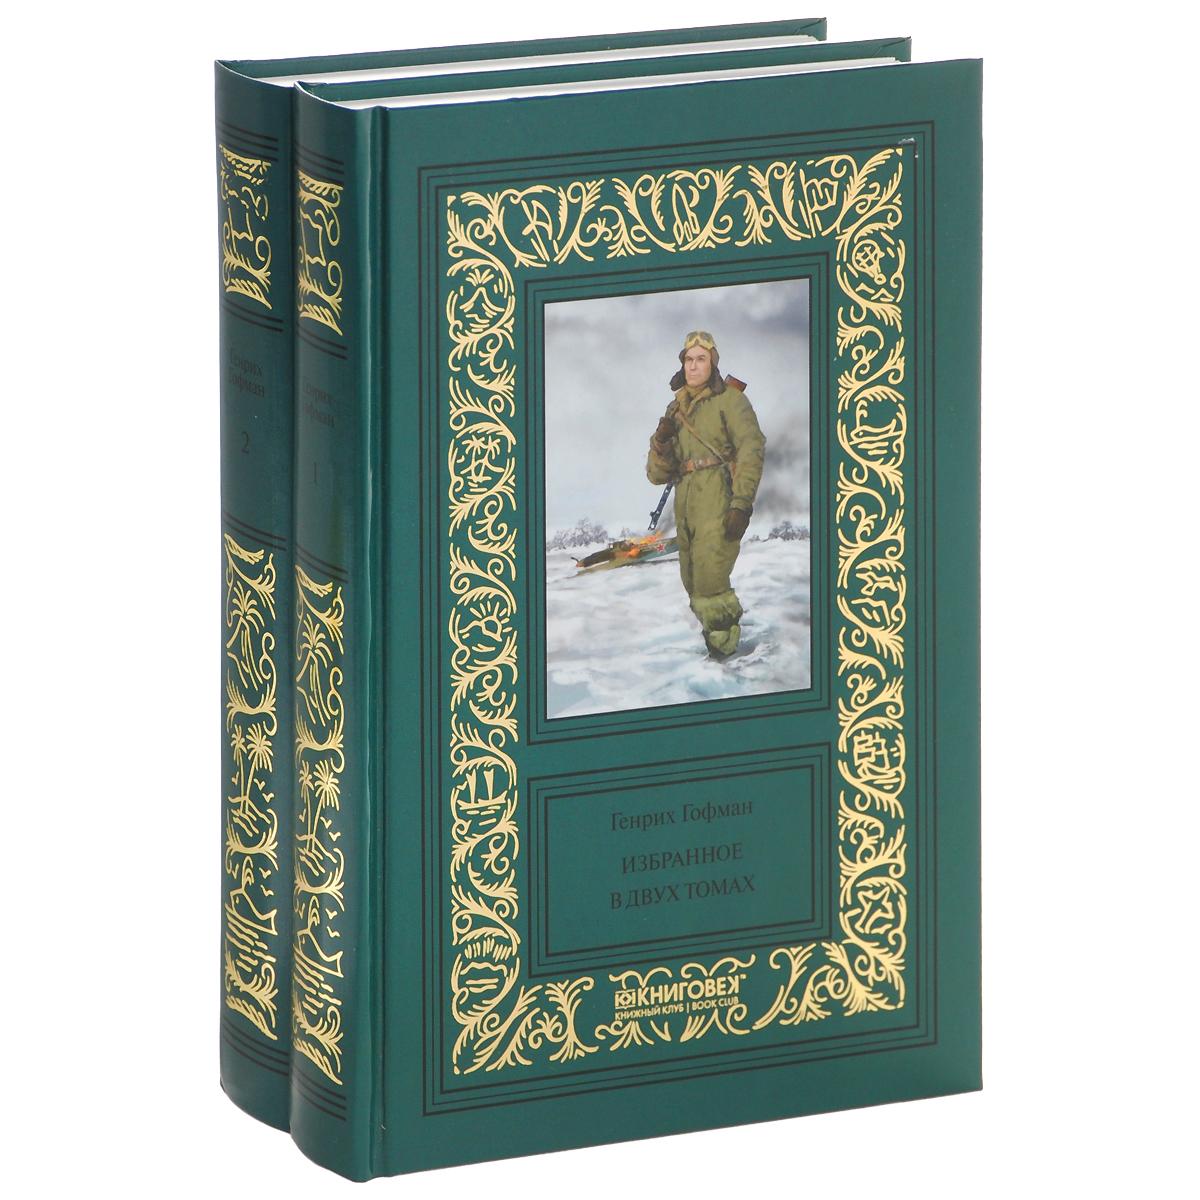 Генрих Гофман Генрих Гофман. Избранное. В 2 томах (комплект) генрих боровик генрих боровик избранное в 2 томах комплект из 2 книг